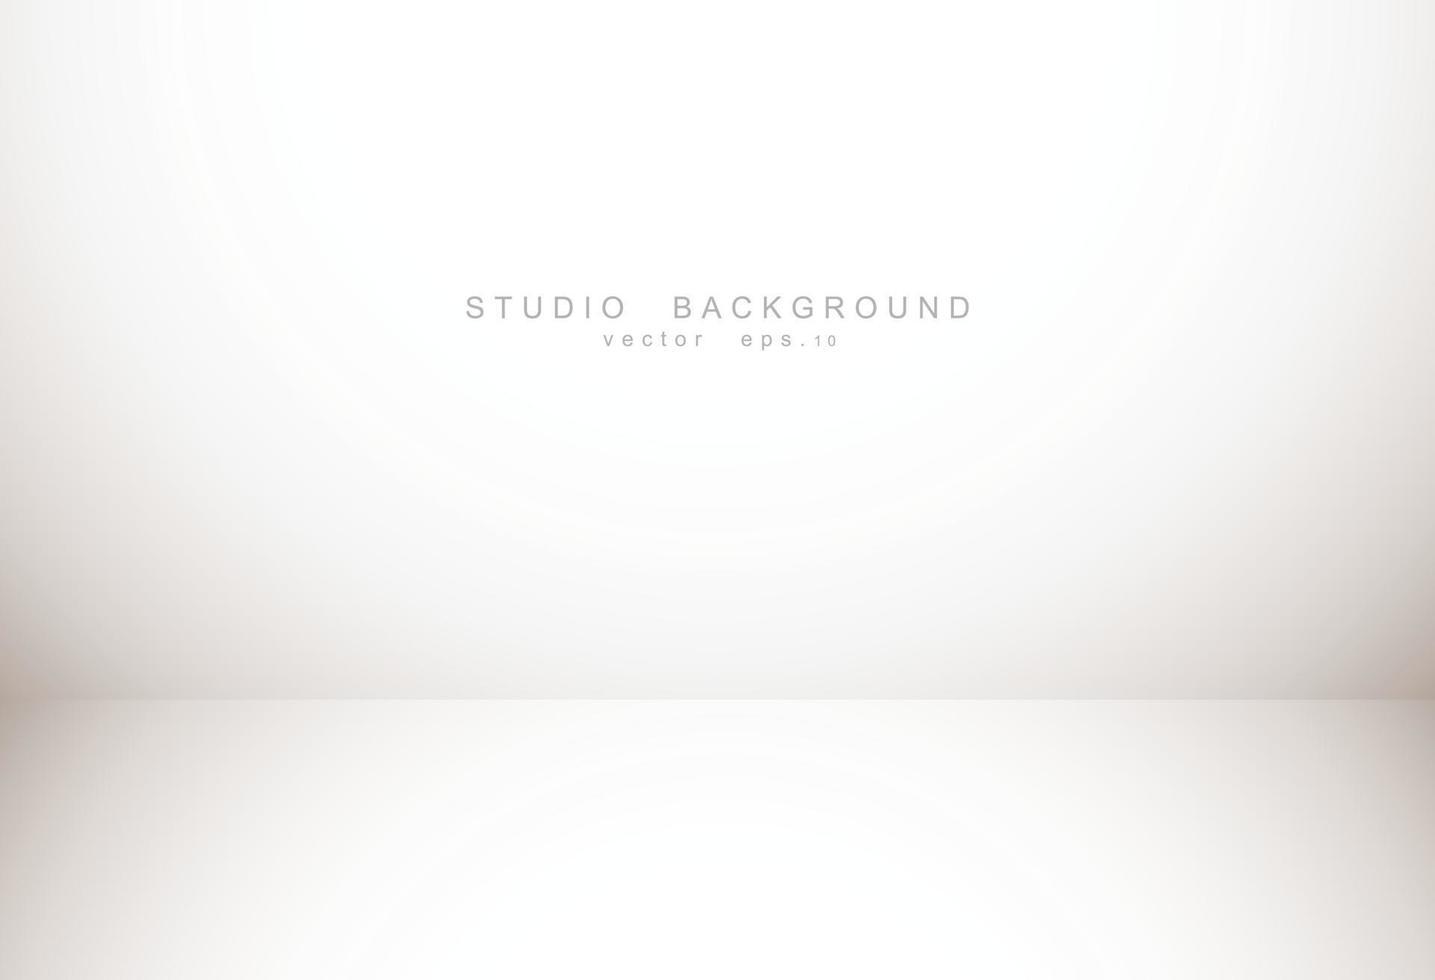 abstracte luxe lege pastel bruine kleurverloop met rand bruin vignet, studio achtergrond weergave van product, zakelijke achtergrond. vector illustratie.